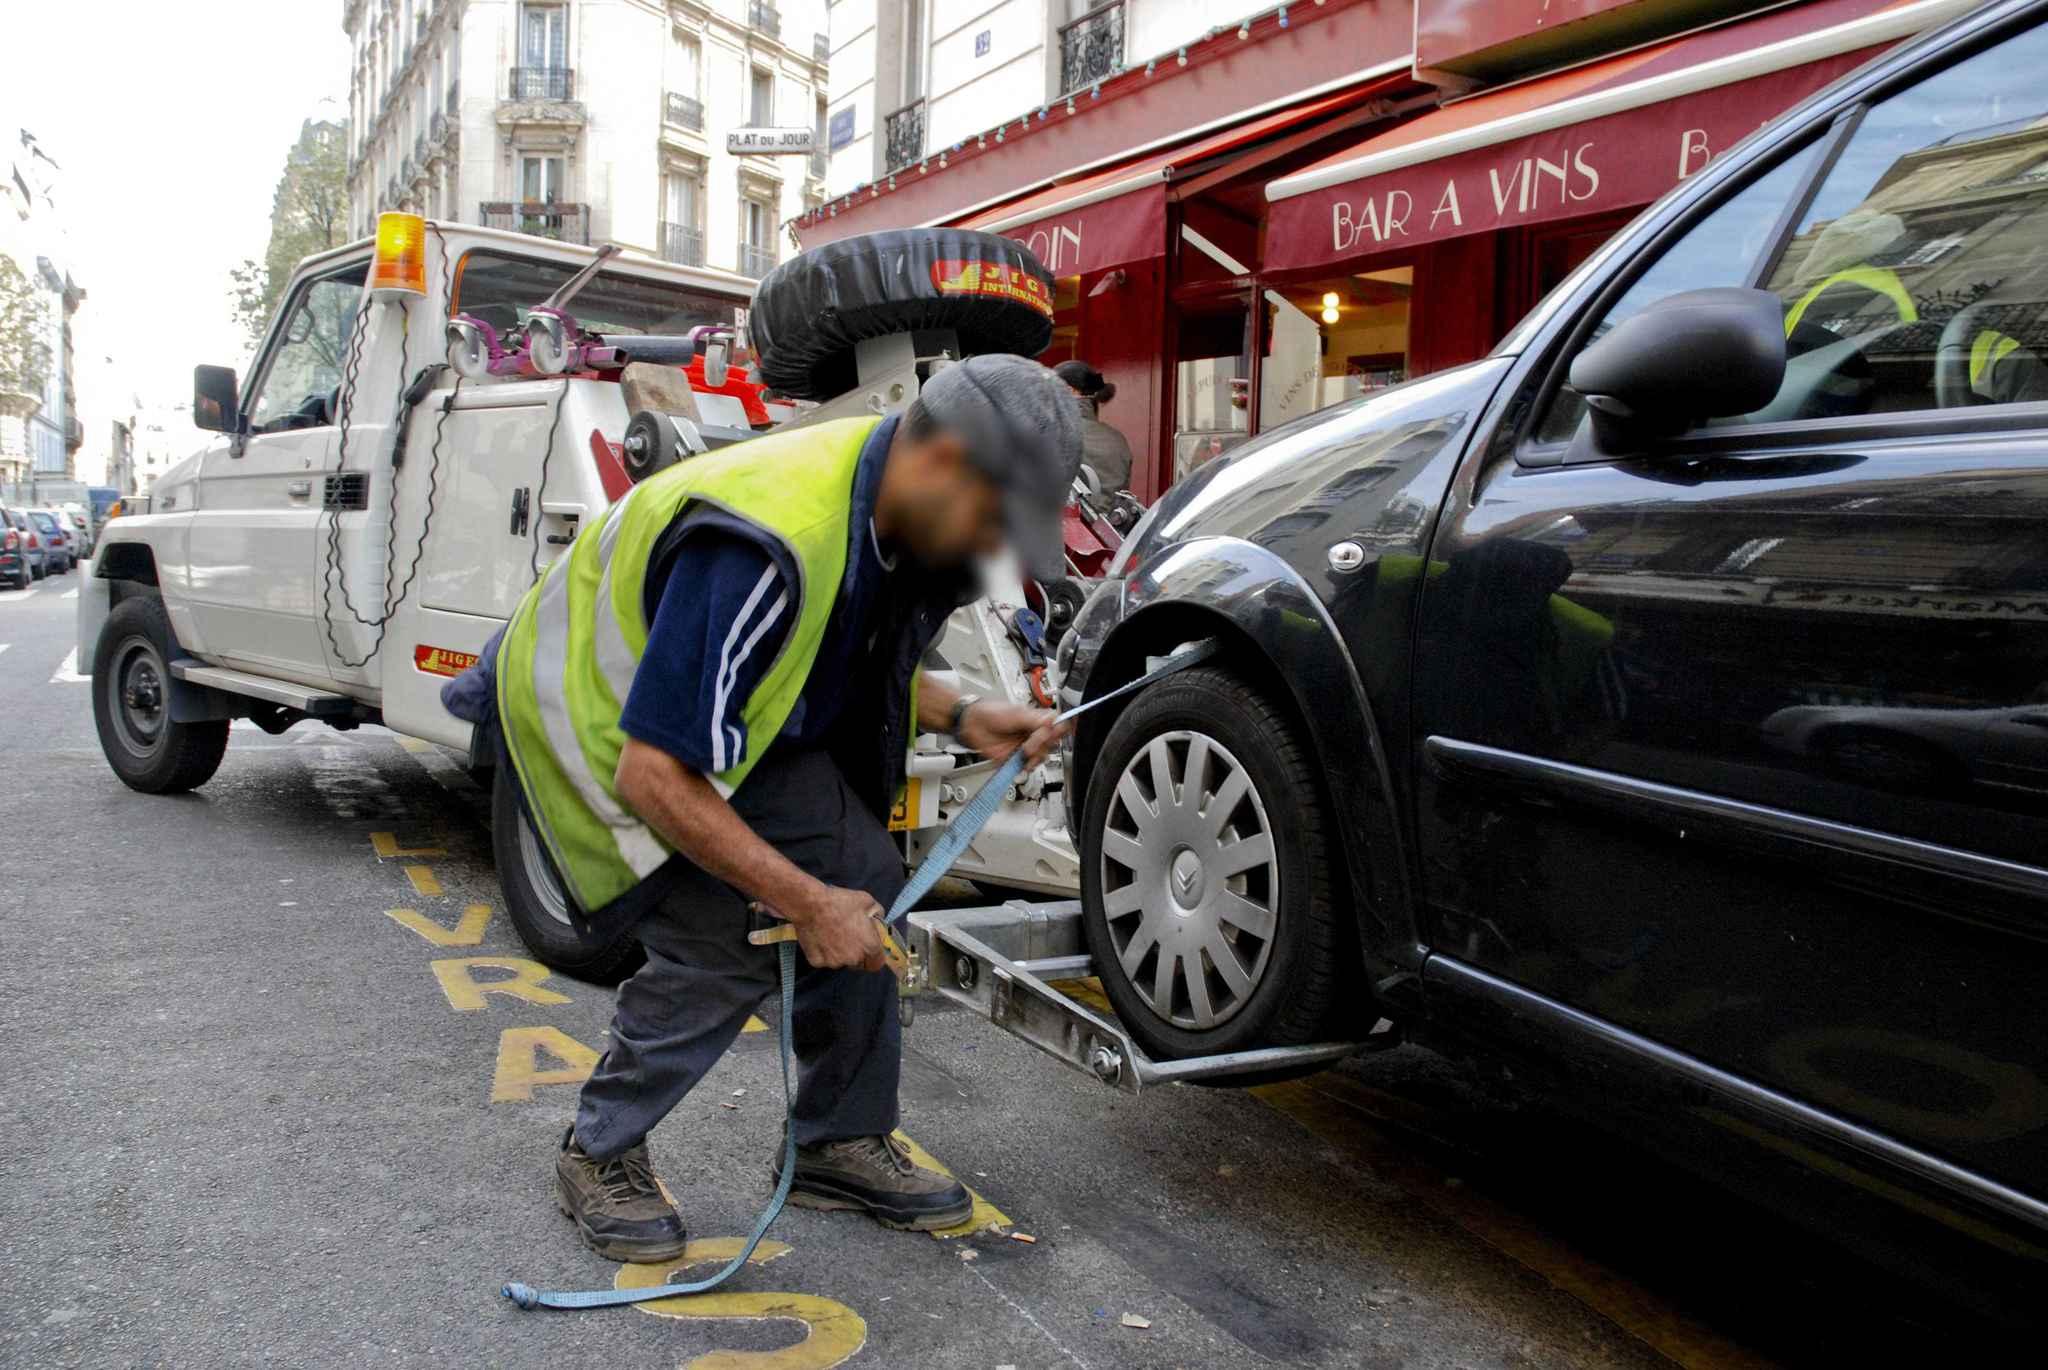 Le réflexe en cas de véhicule gênant